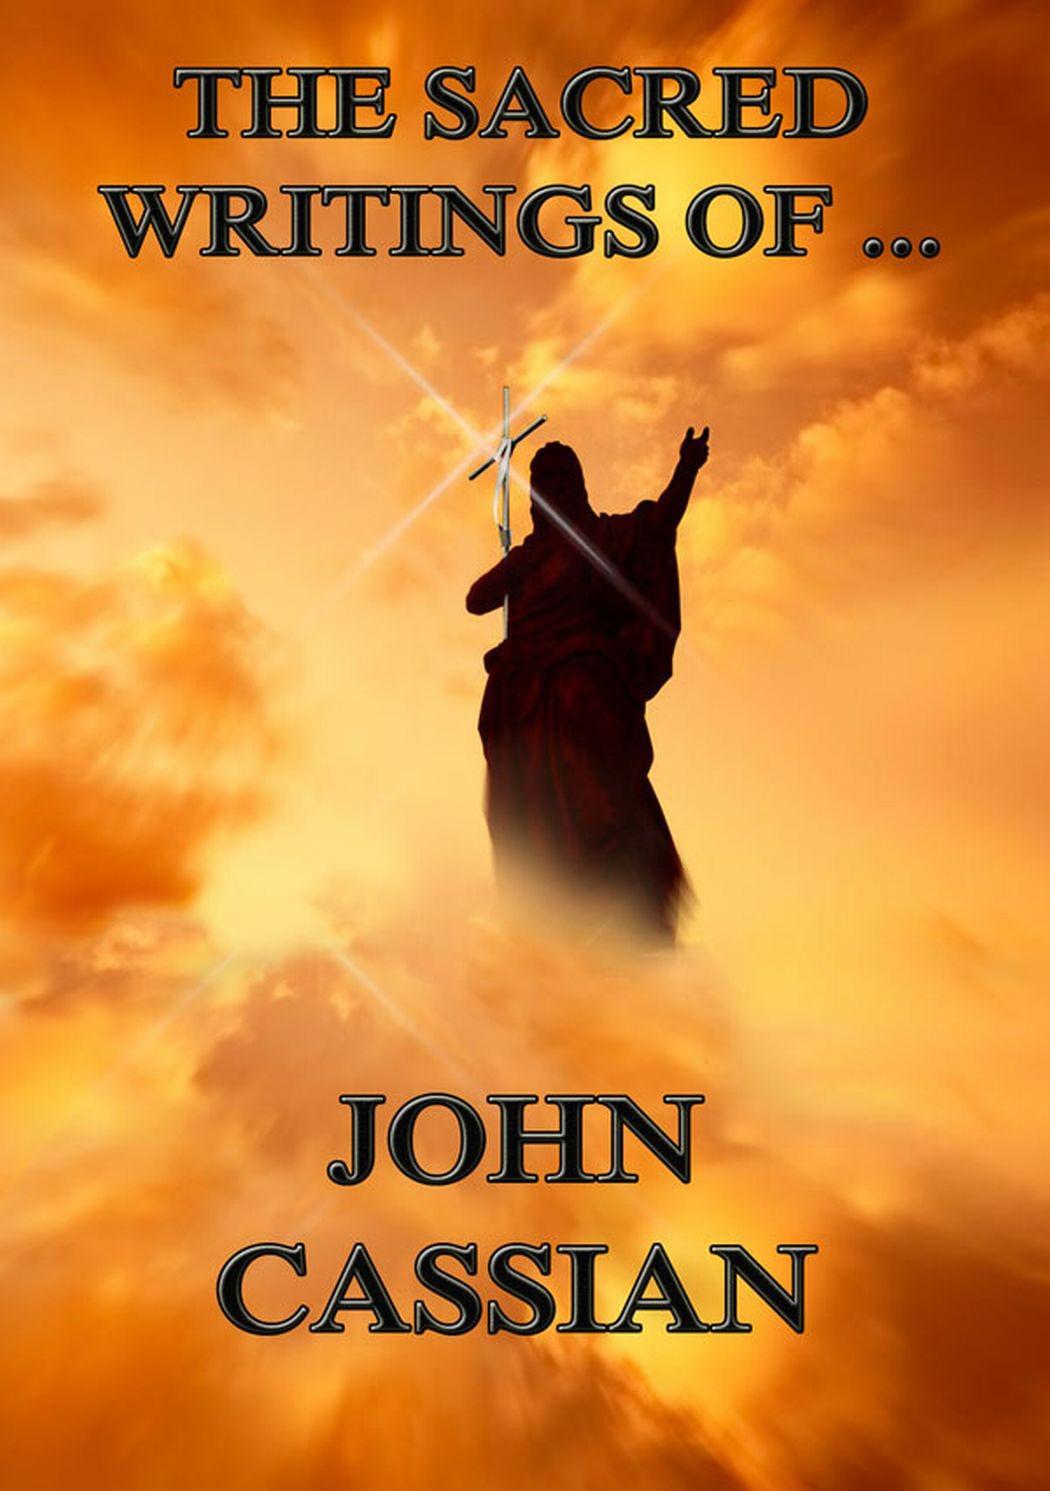 John Cassian The Sacred Writings of John Cassian